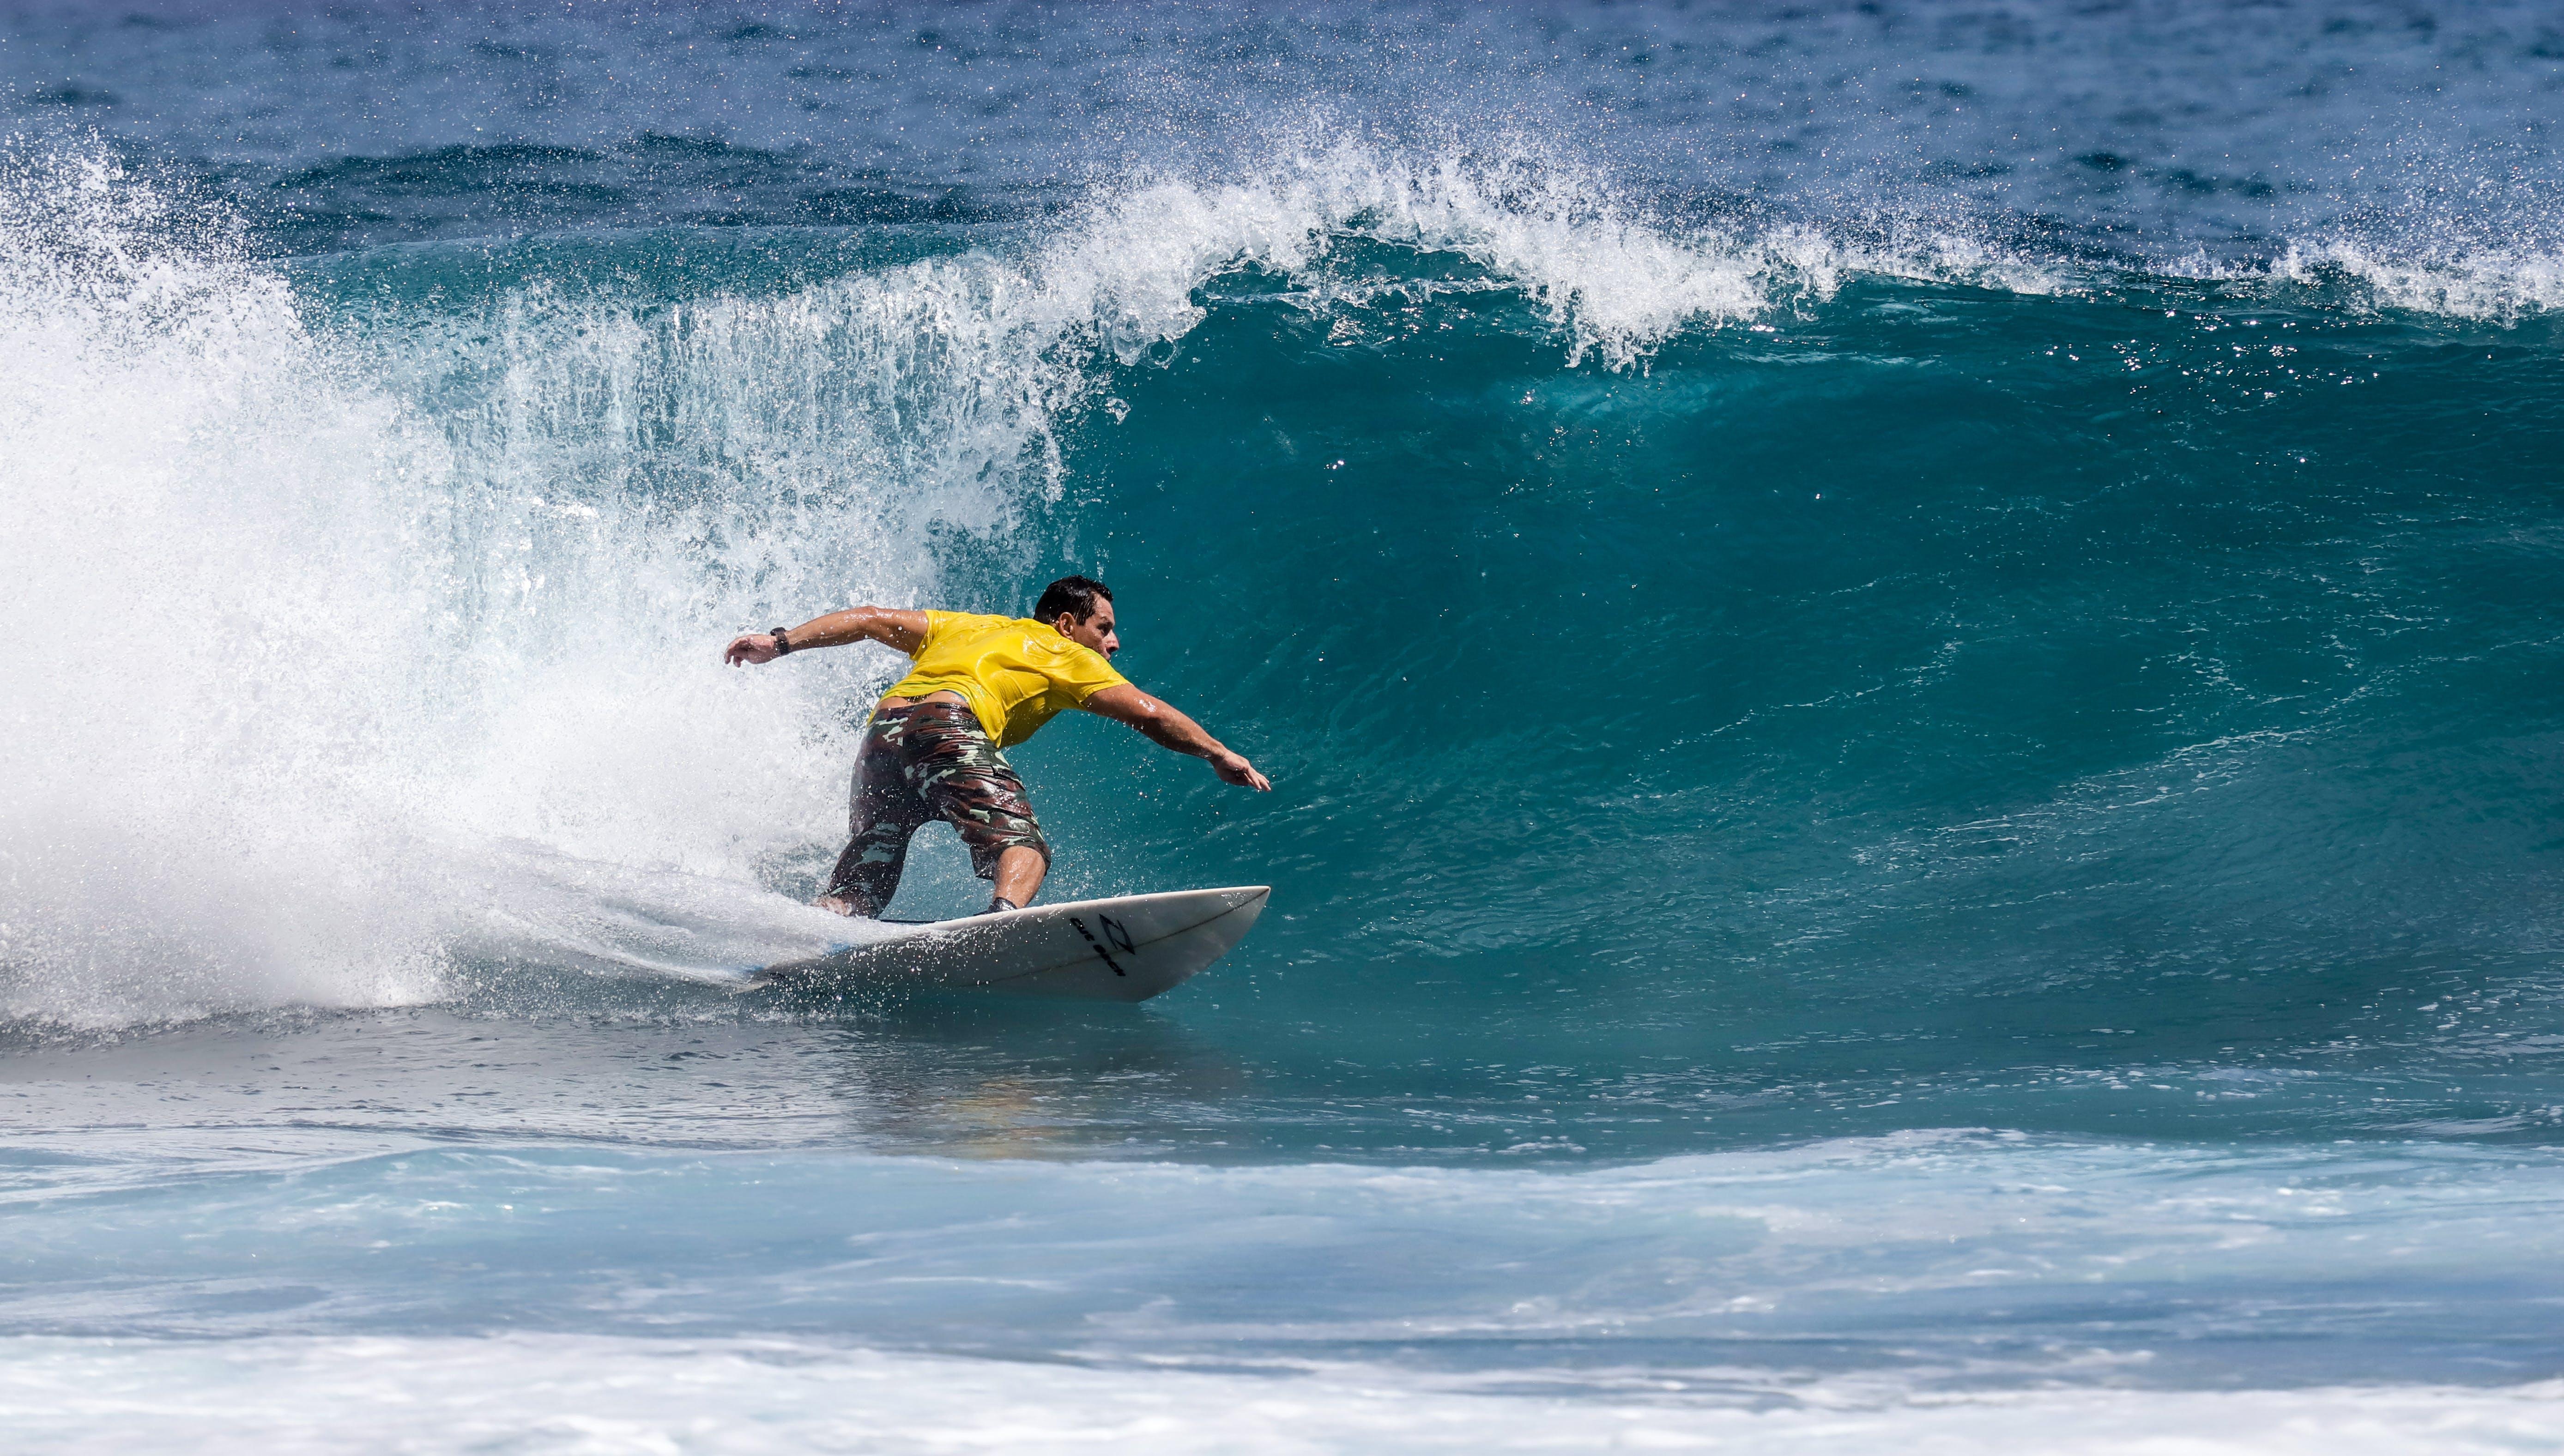 Δωρεάν στοκ φωτογραφιών με Surf, surfrider, άθλημα, αναψυχή